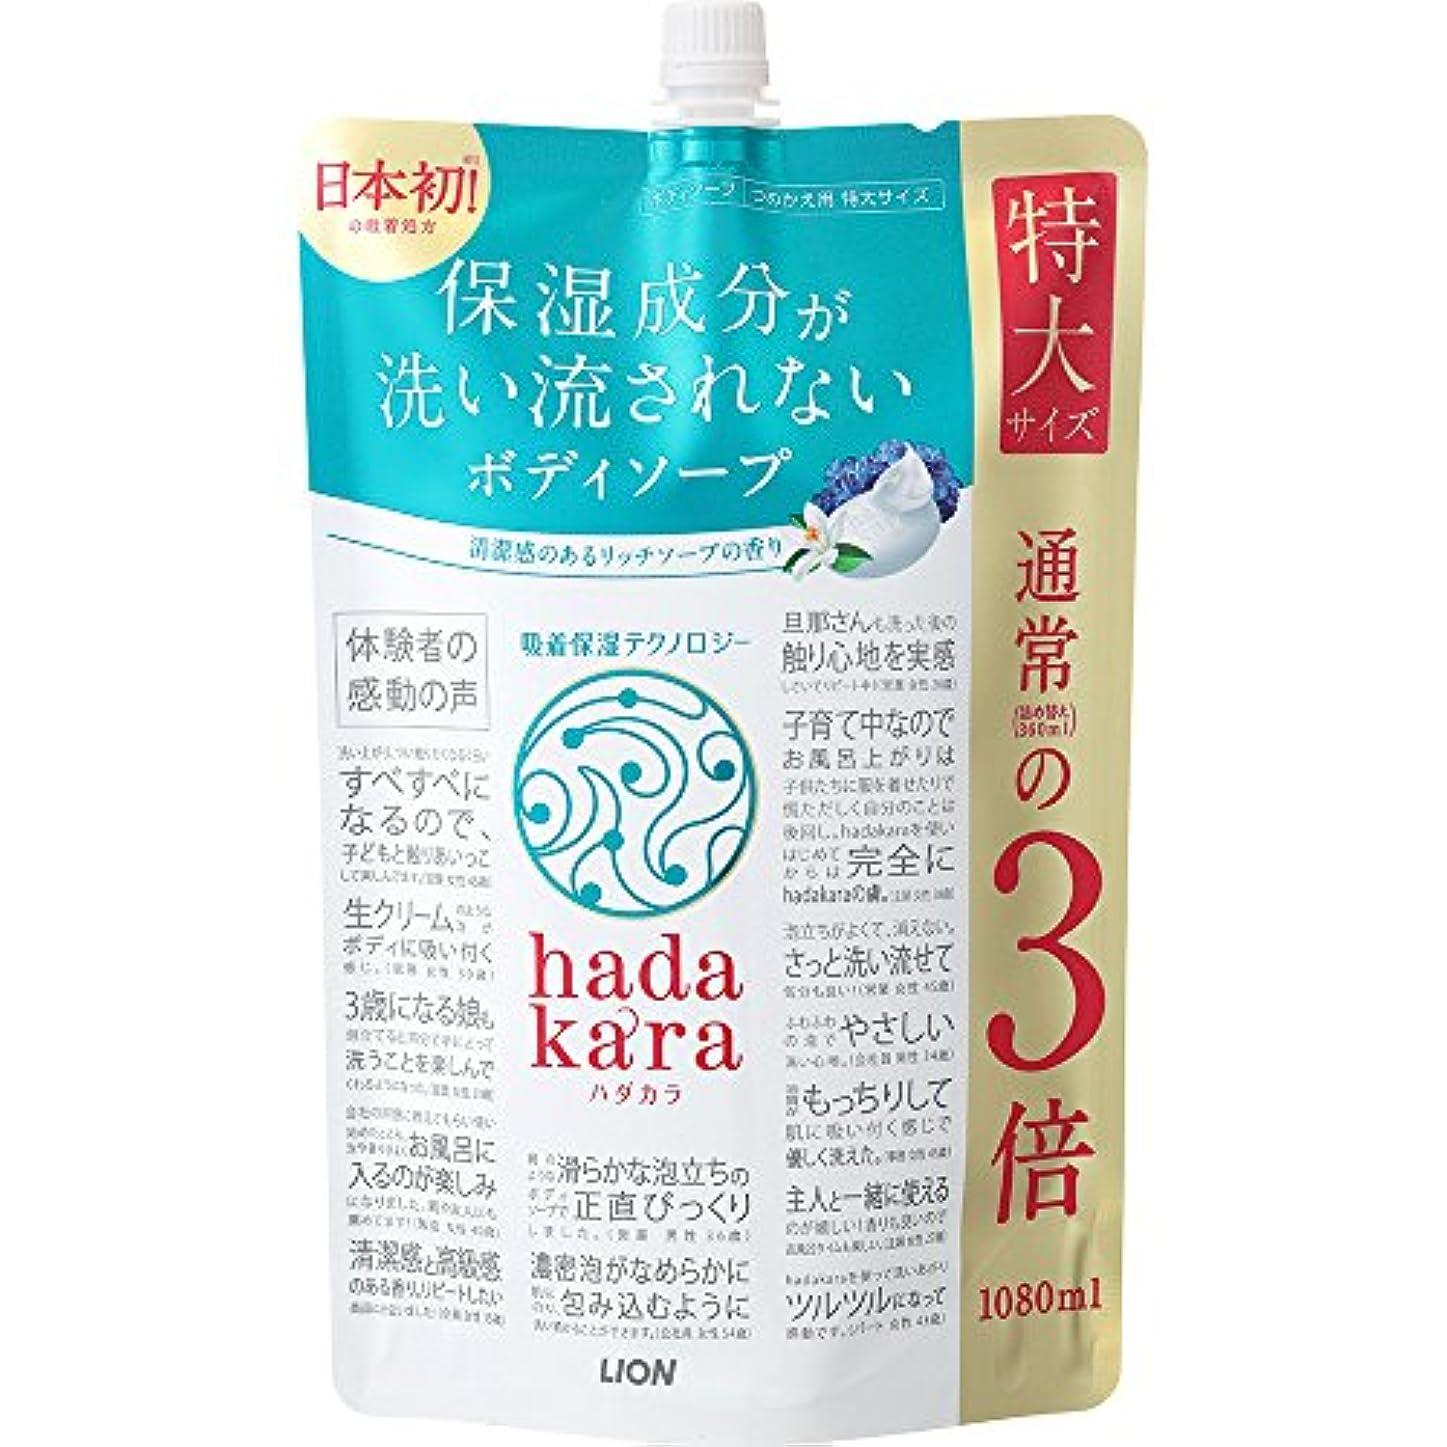 薬理学天井どこでも【大容量】hadakara(ハダカラ) ボディソープ リッチソープの香り 詰め替え 特大 1080ml